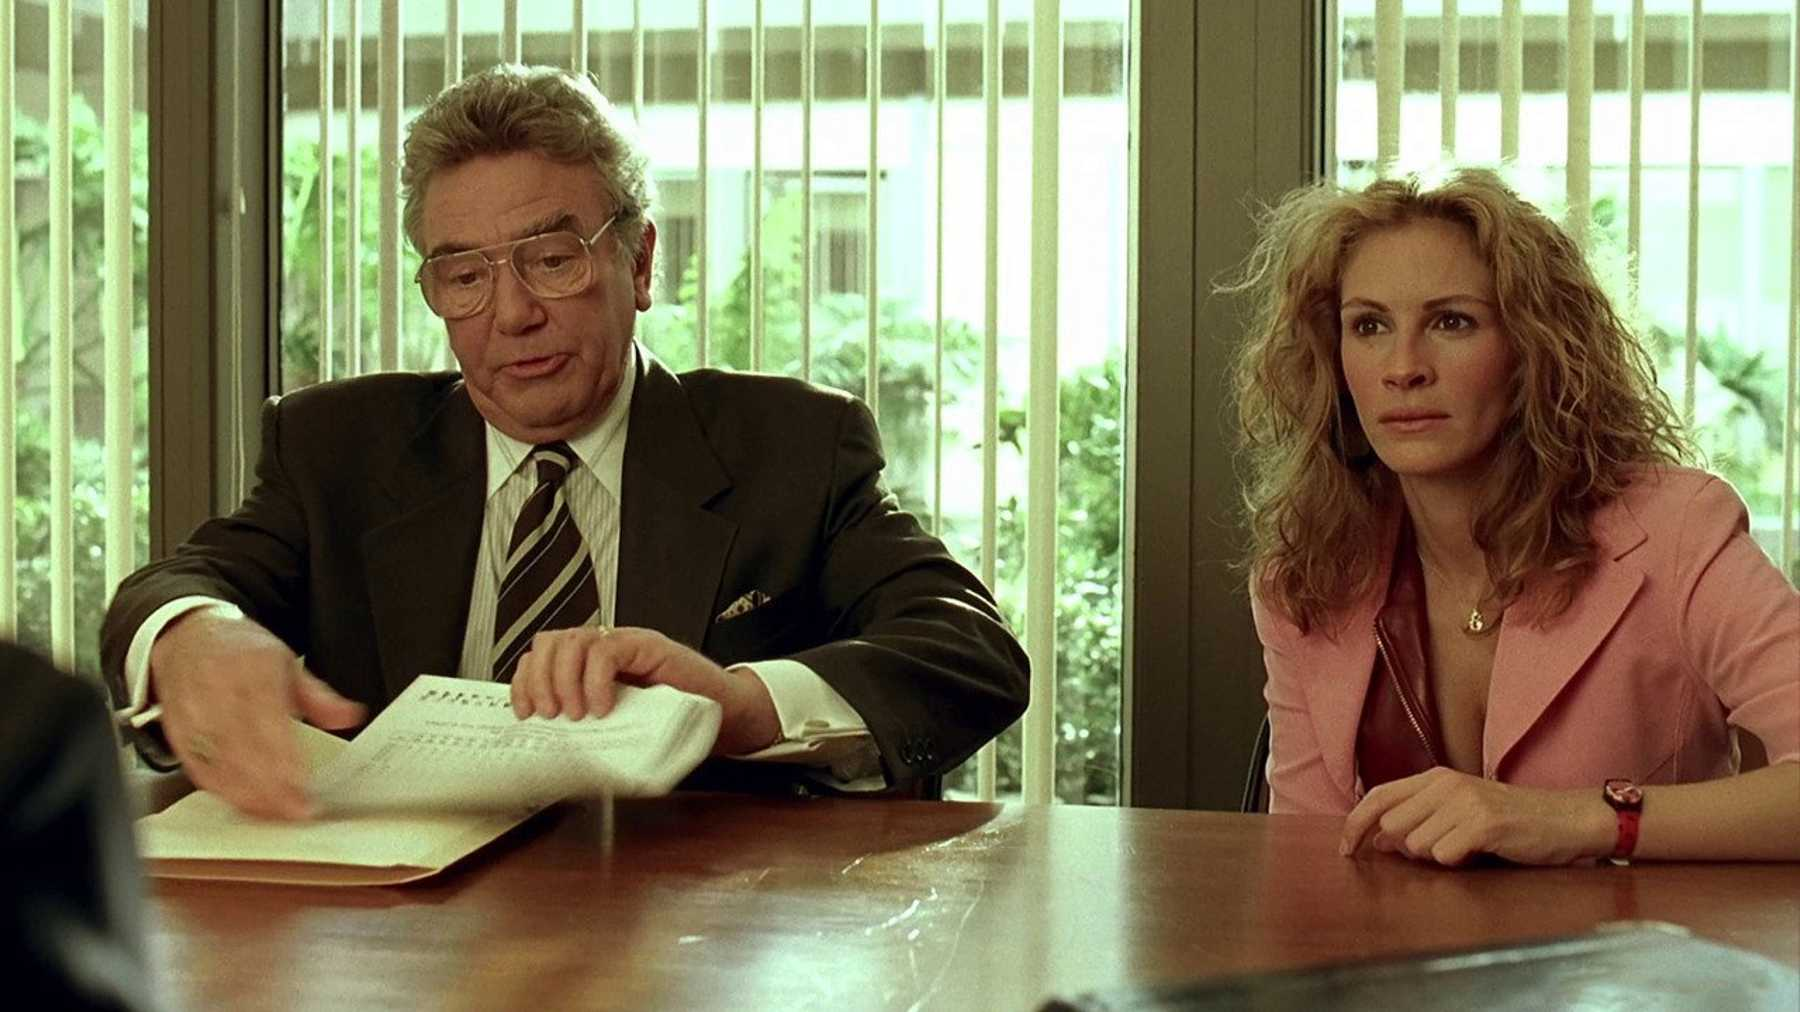 Top 5 Film D'Inchiesta Tratti Da Storie Vere 4 - Hynerd.it